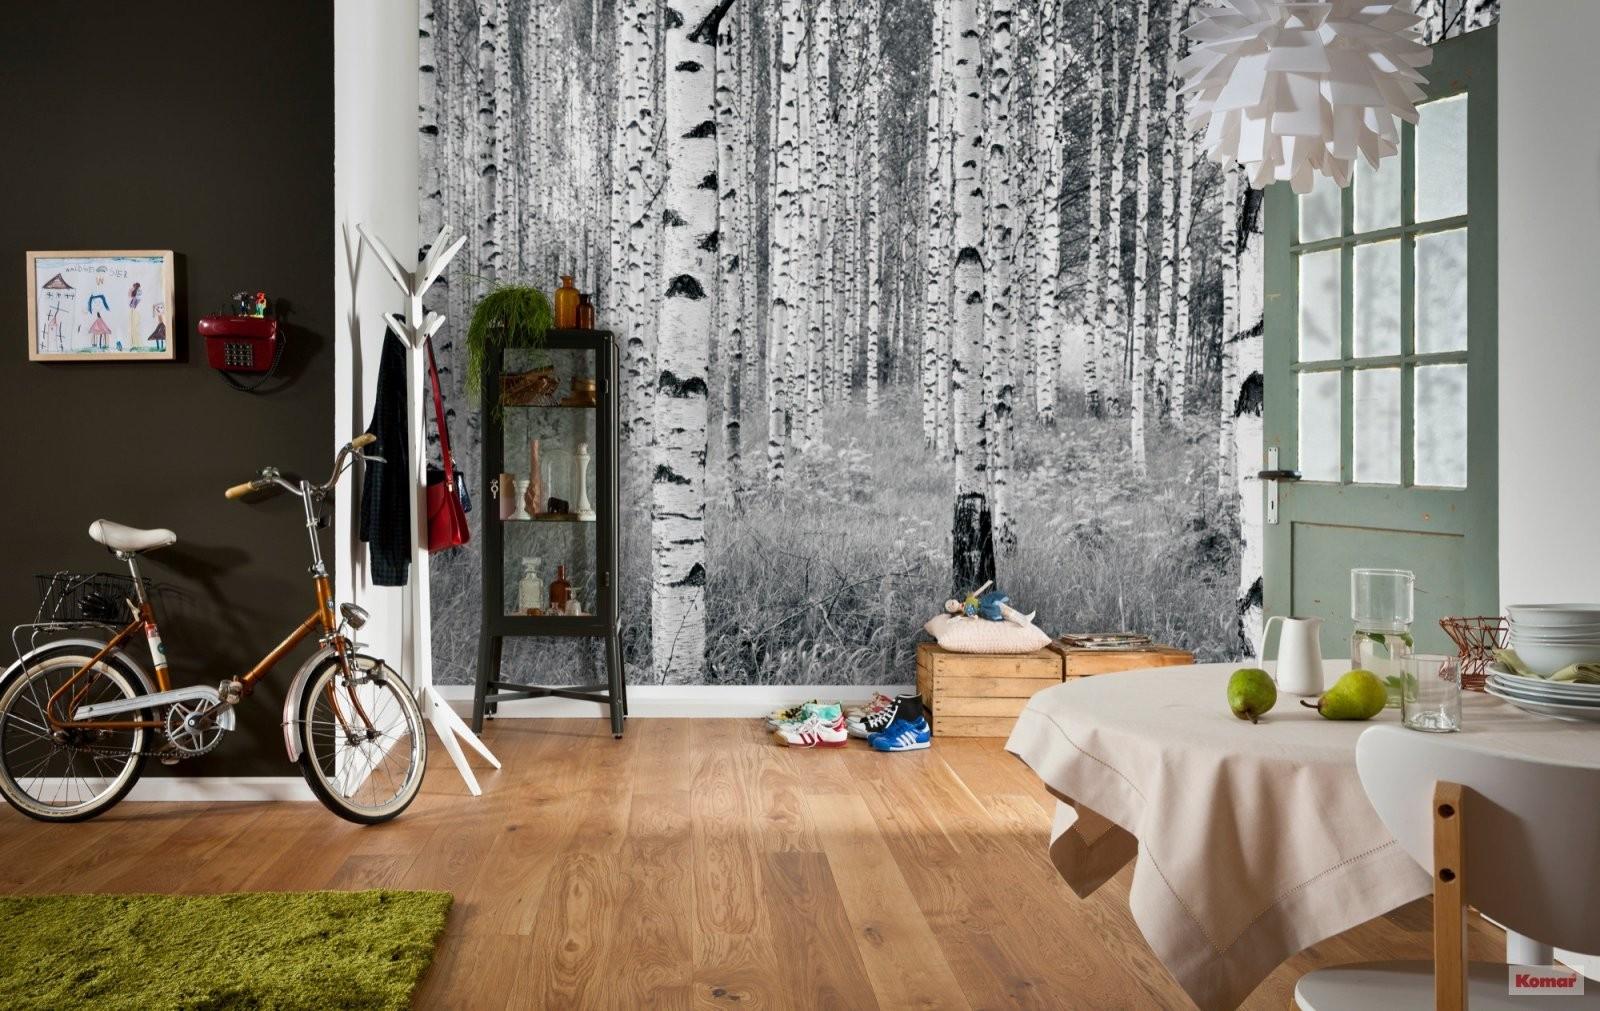 """Vliestapete """"Woods"""" (Xxl4023) Von Komar von Tapete Birke Schwarz Weiß Photo"""